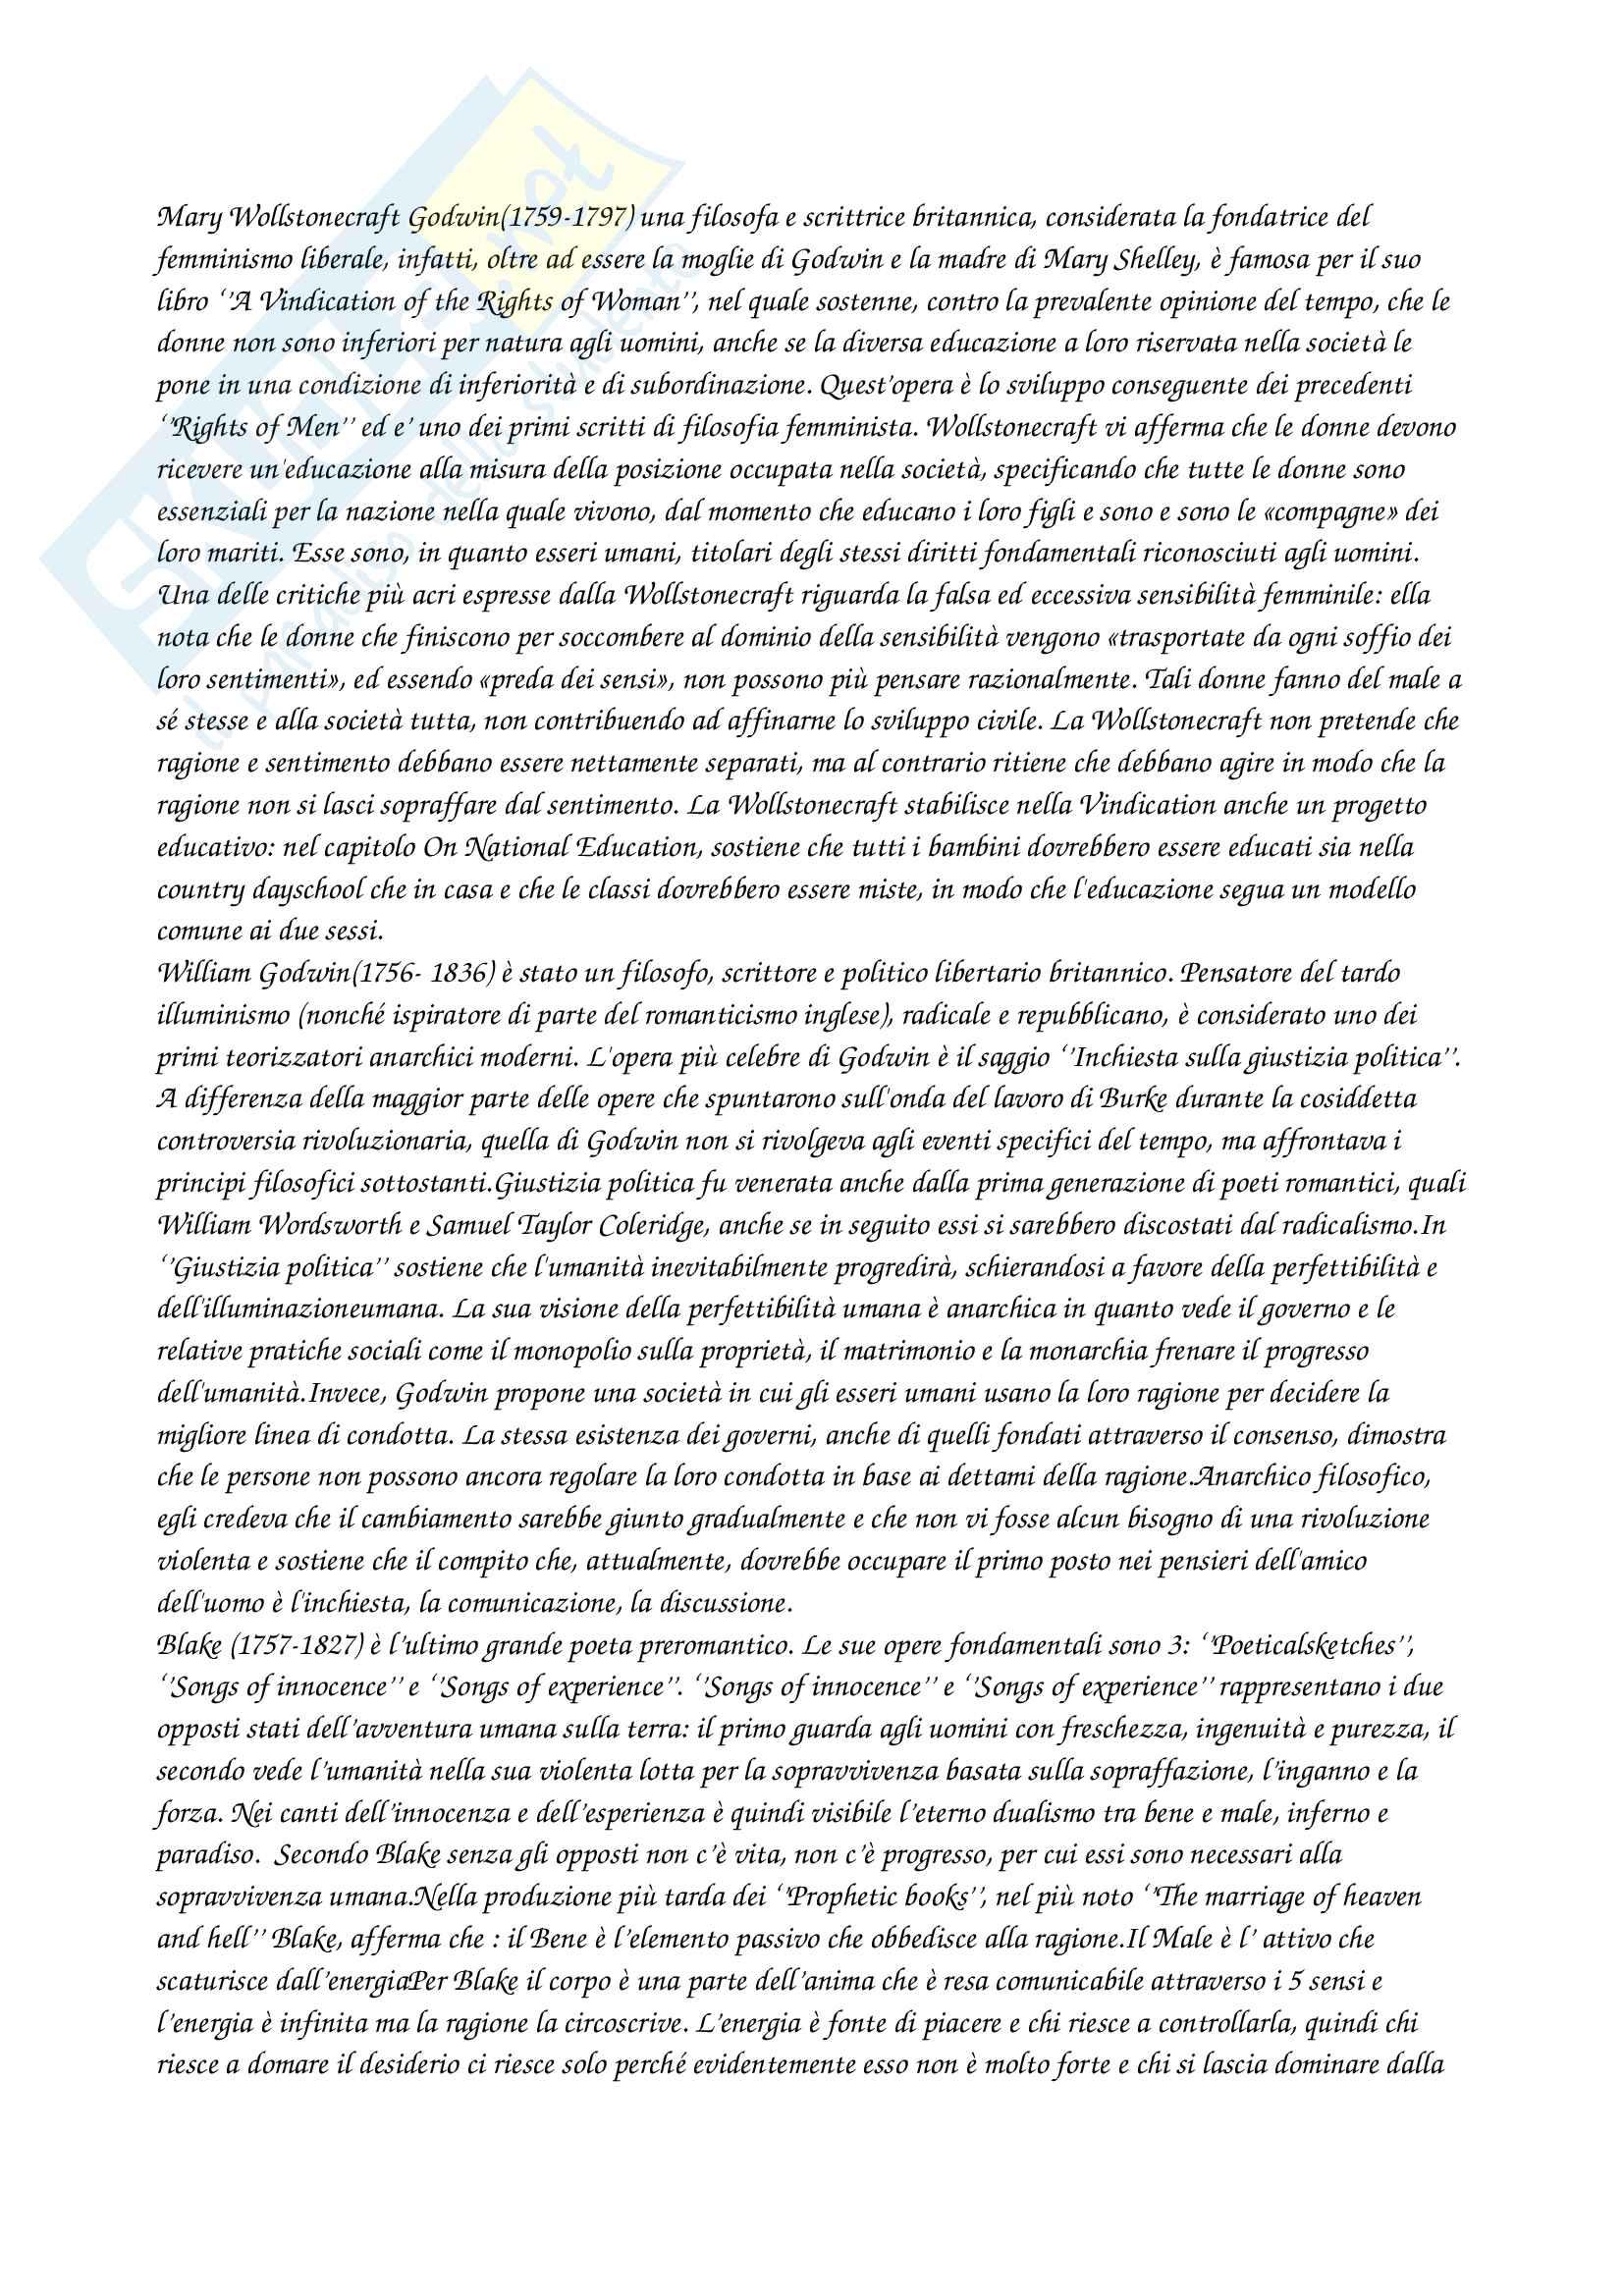 Letteratura Inglese I fine 700-inizio 800 (autori e opere) Pag. 1